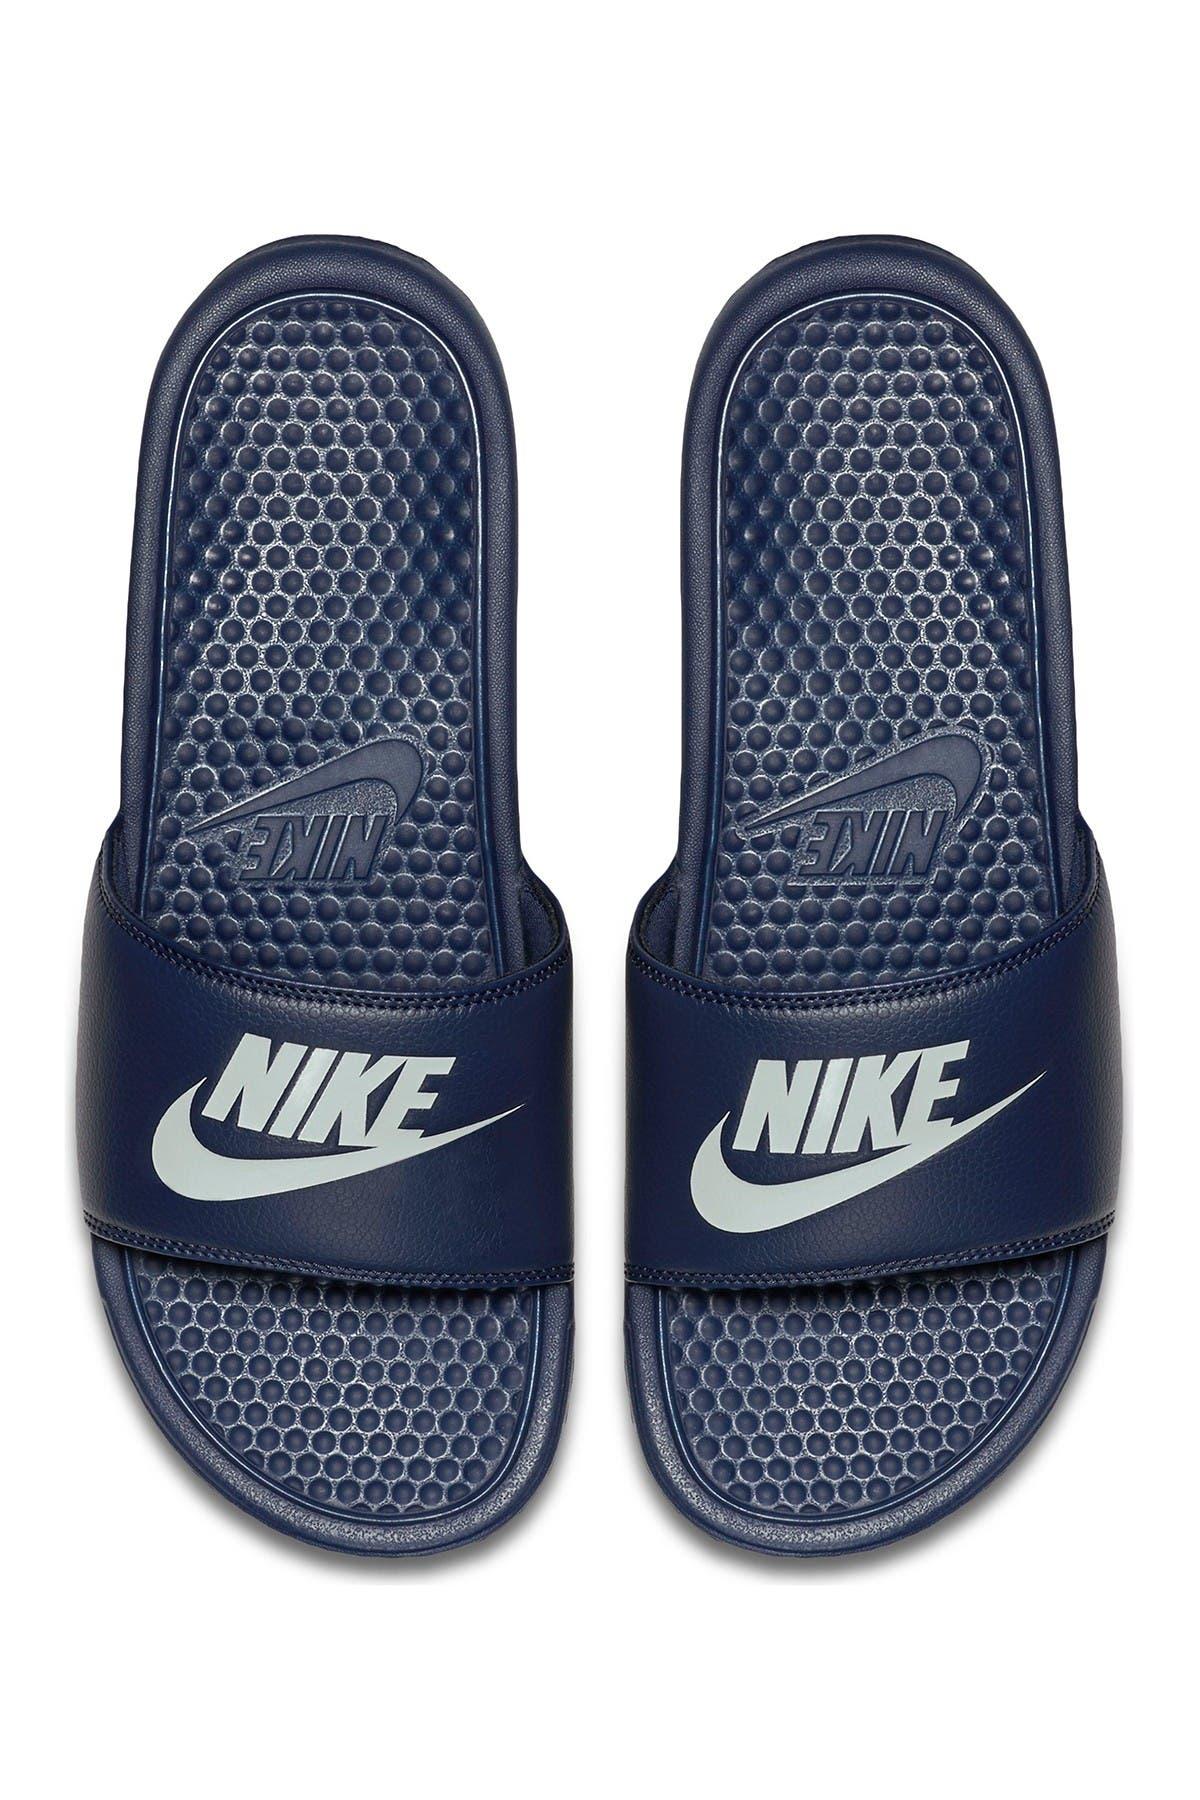 Nike | Benassi Just Do It Slide Sandal